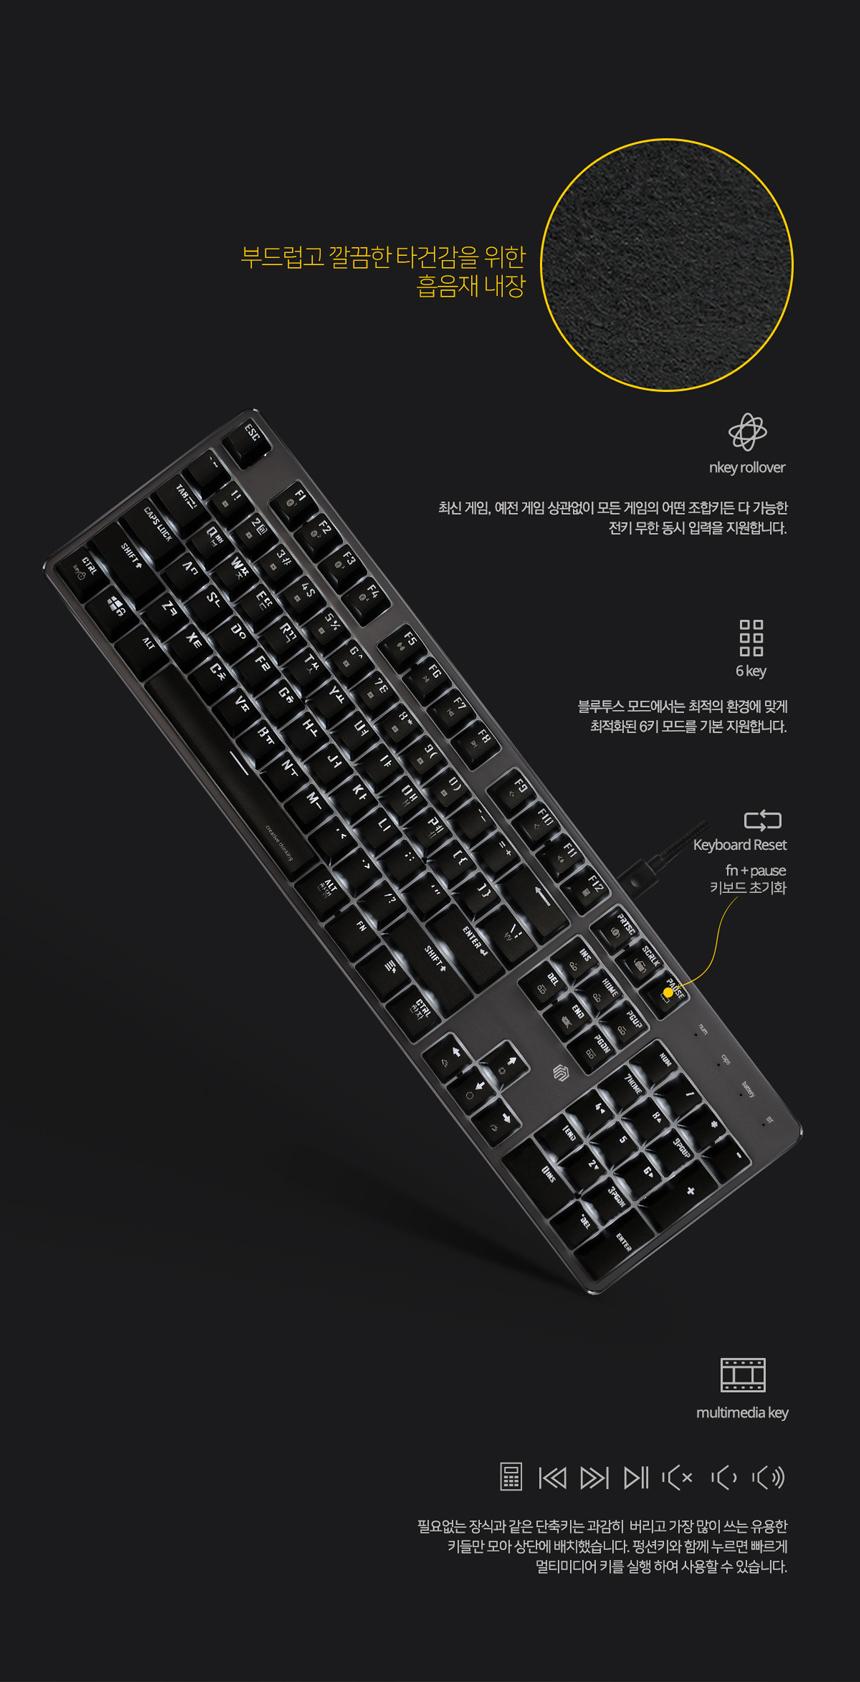 웨이코스 씽크웨이 CROAD BK620 턴 블루투스 유무선 기계식 키보드